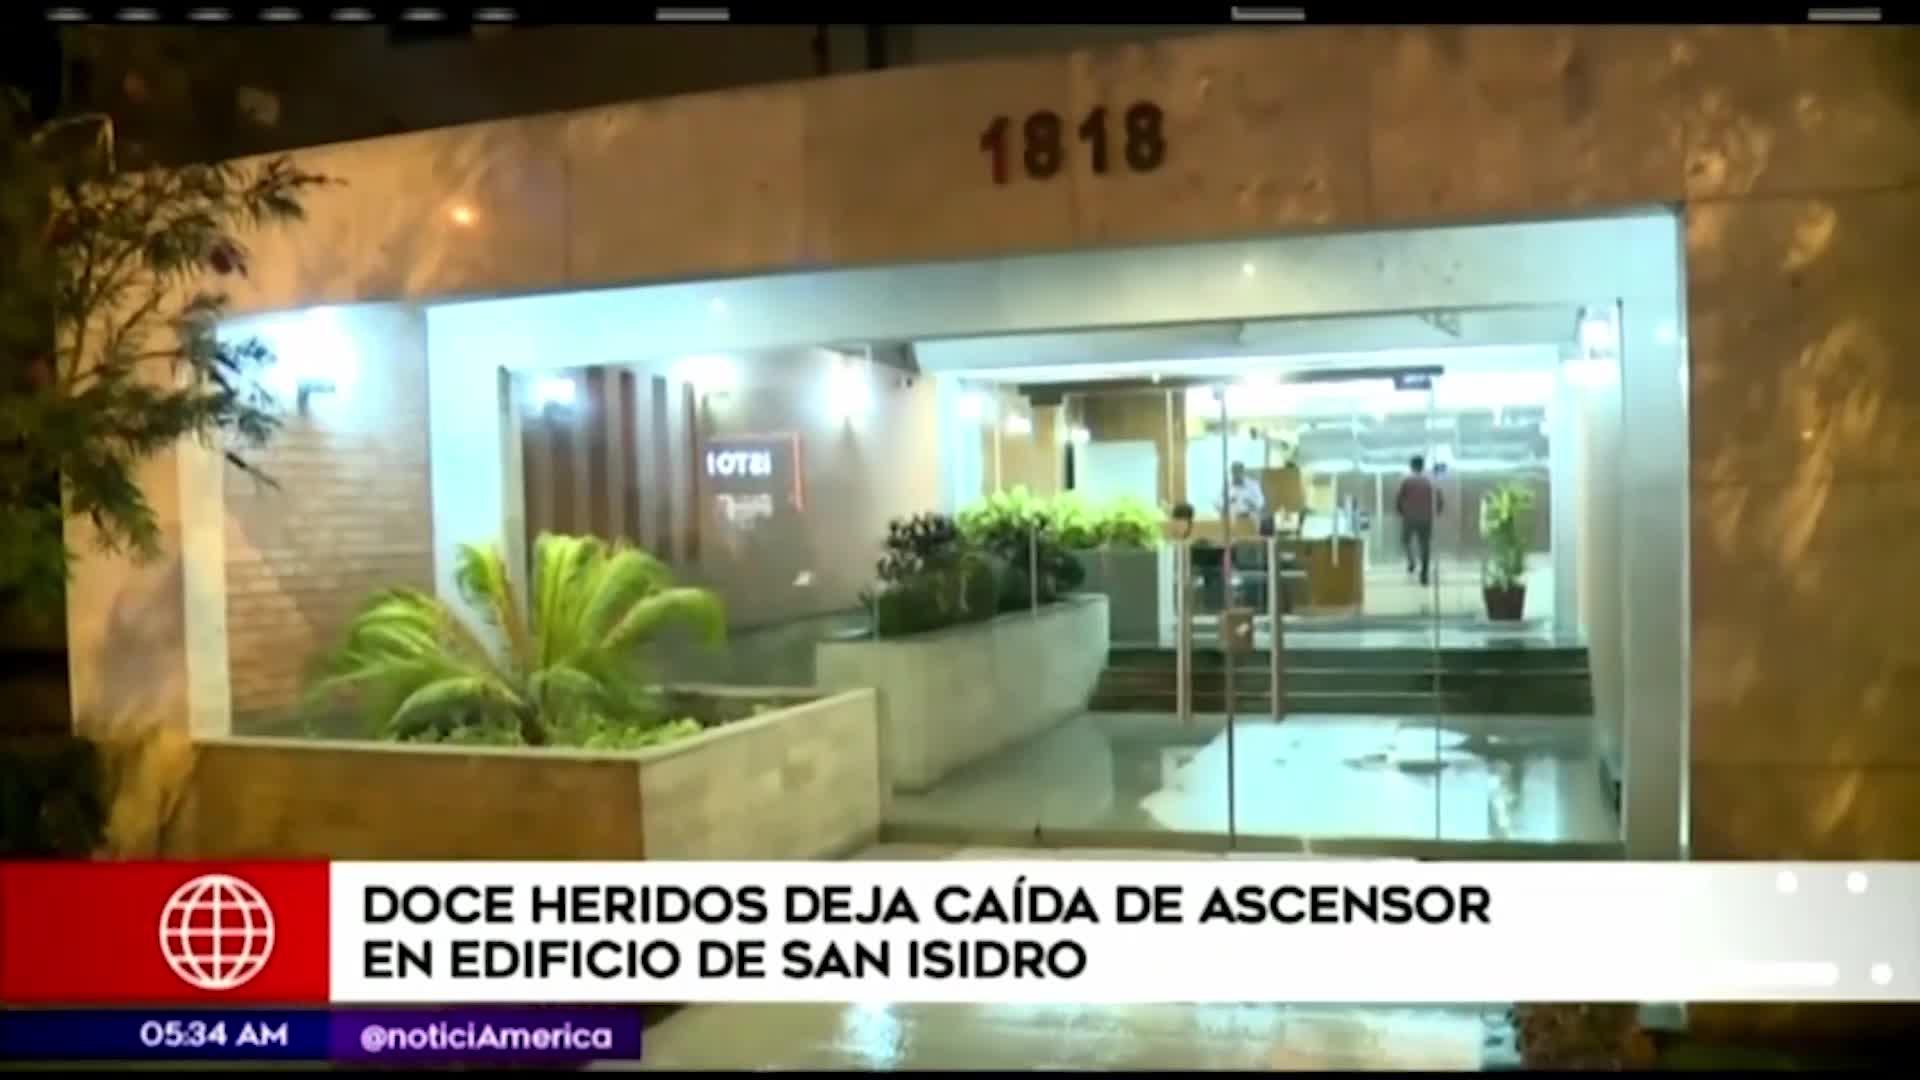 San Isidro: doce personas heridas dejó caída de ascensor